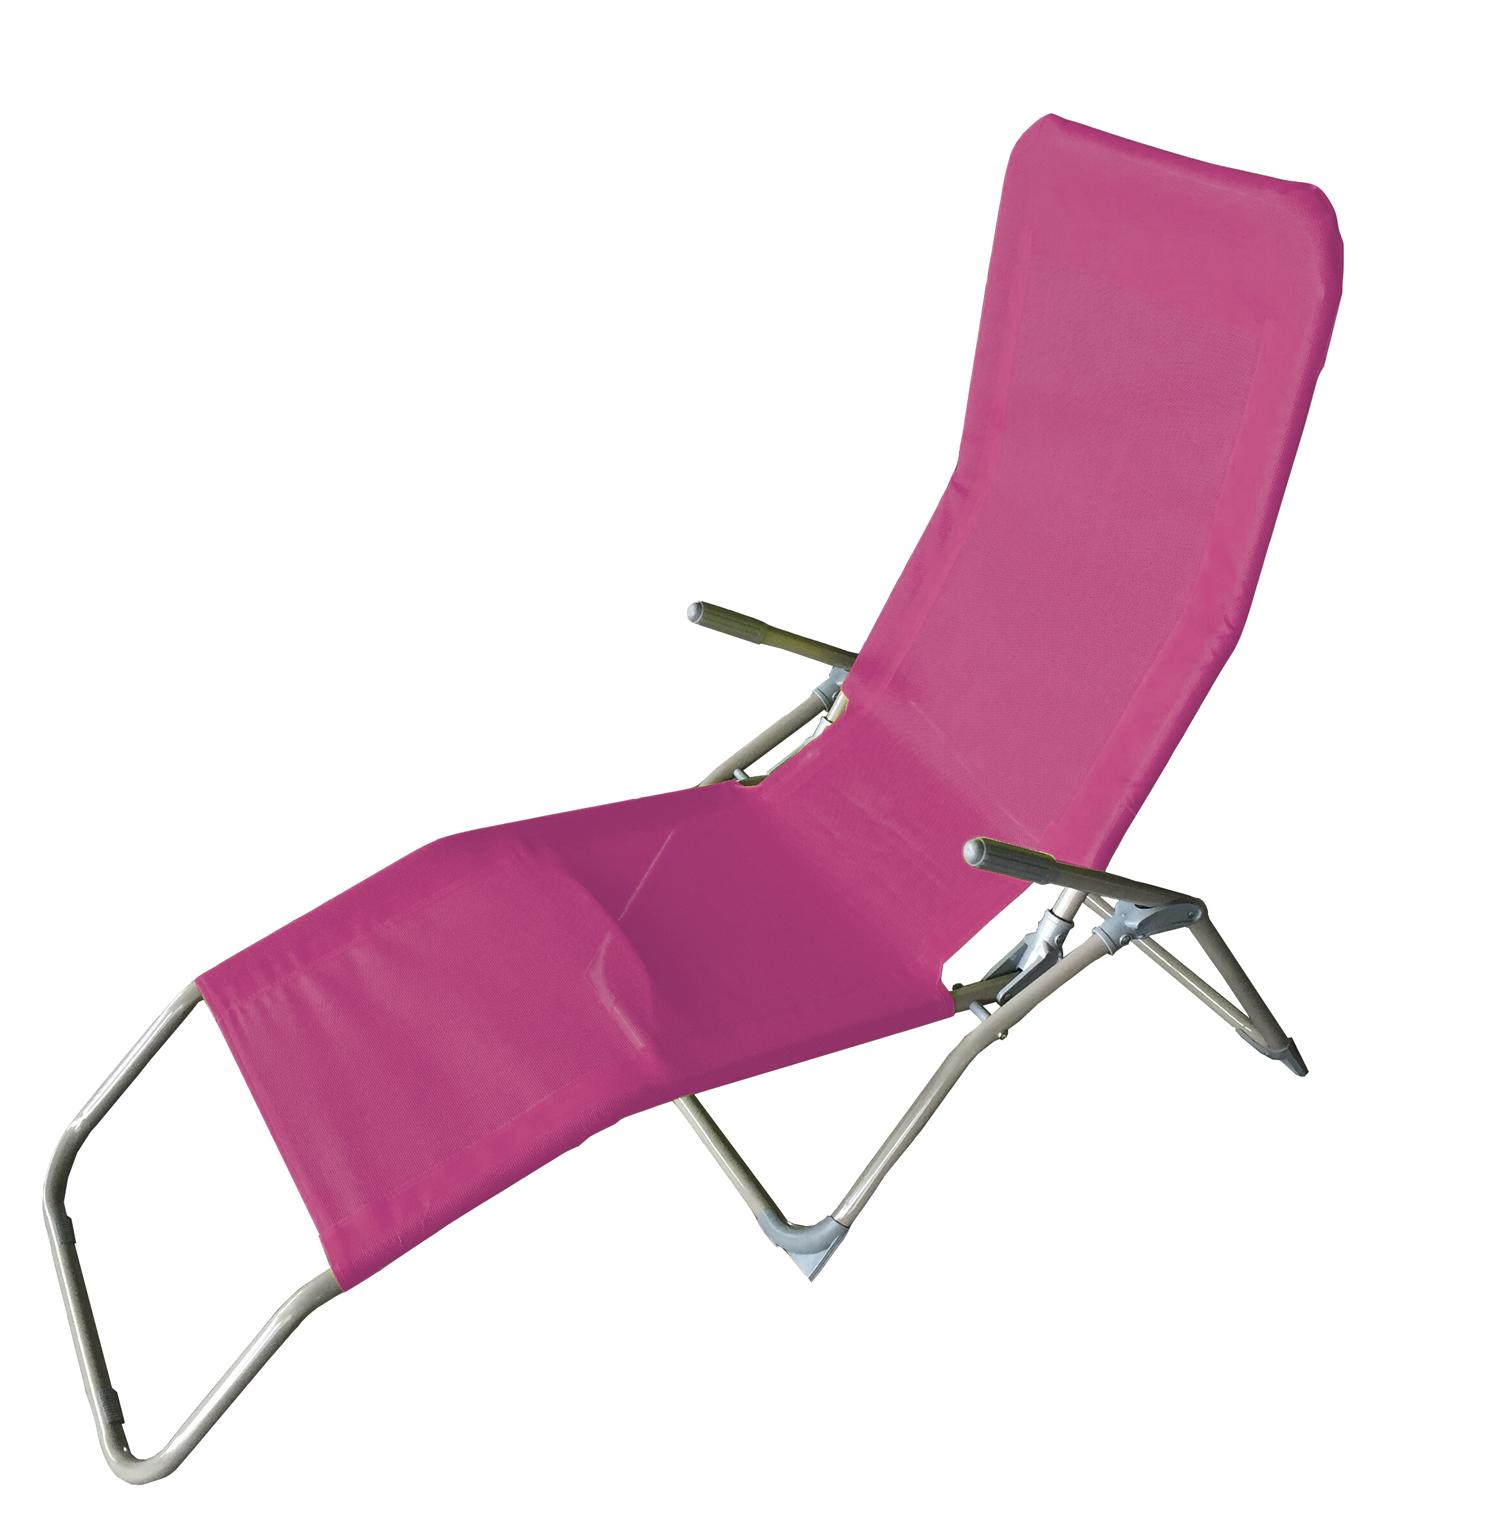 Sonnenliege Strandliege Pink Mojawode Livestyle Und Wohndekoration